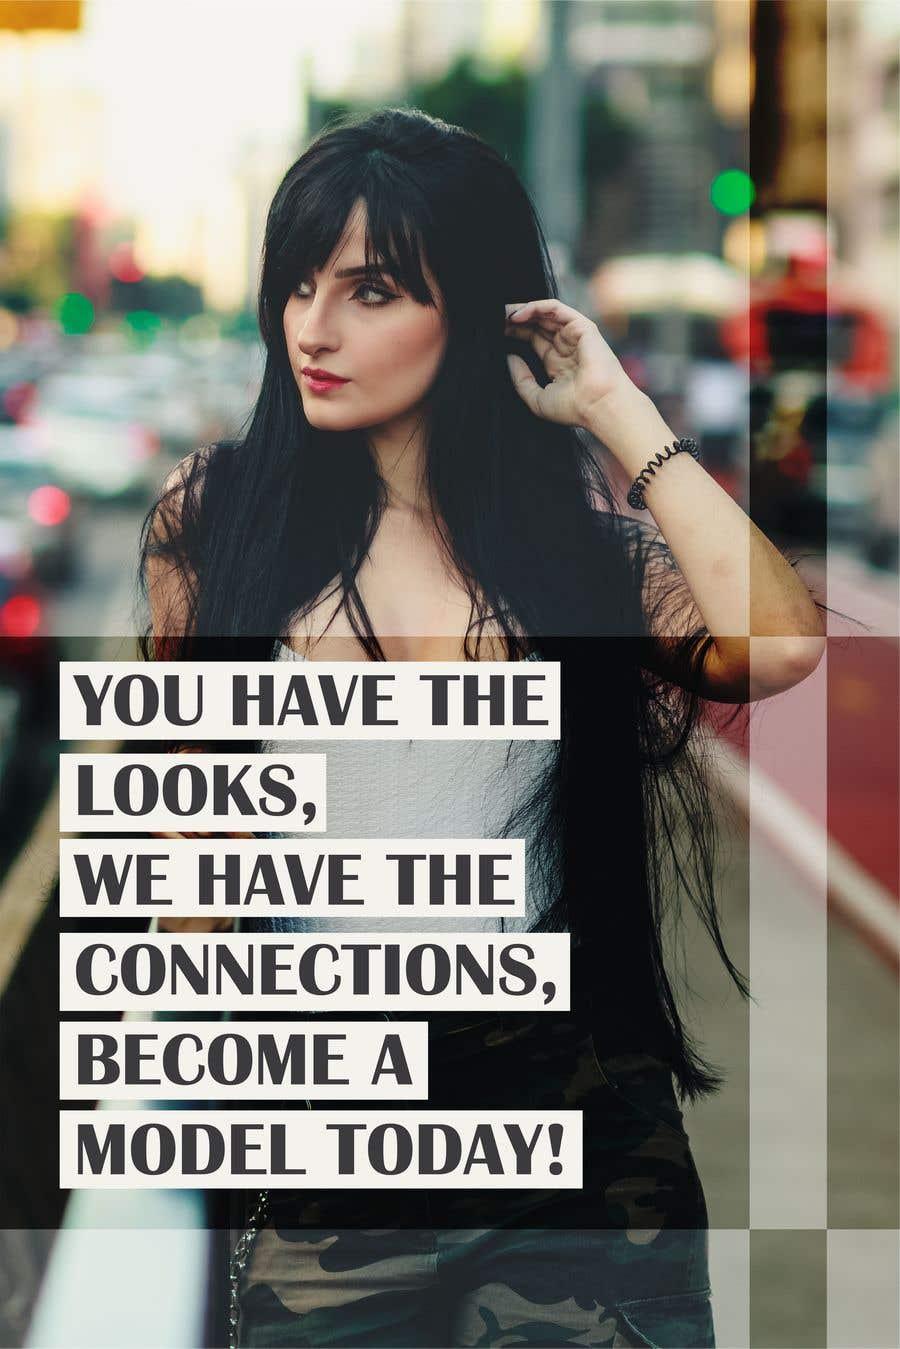 Konkurrenceindlæg #24 for Social Media Image Ads